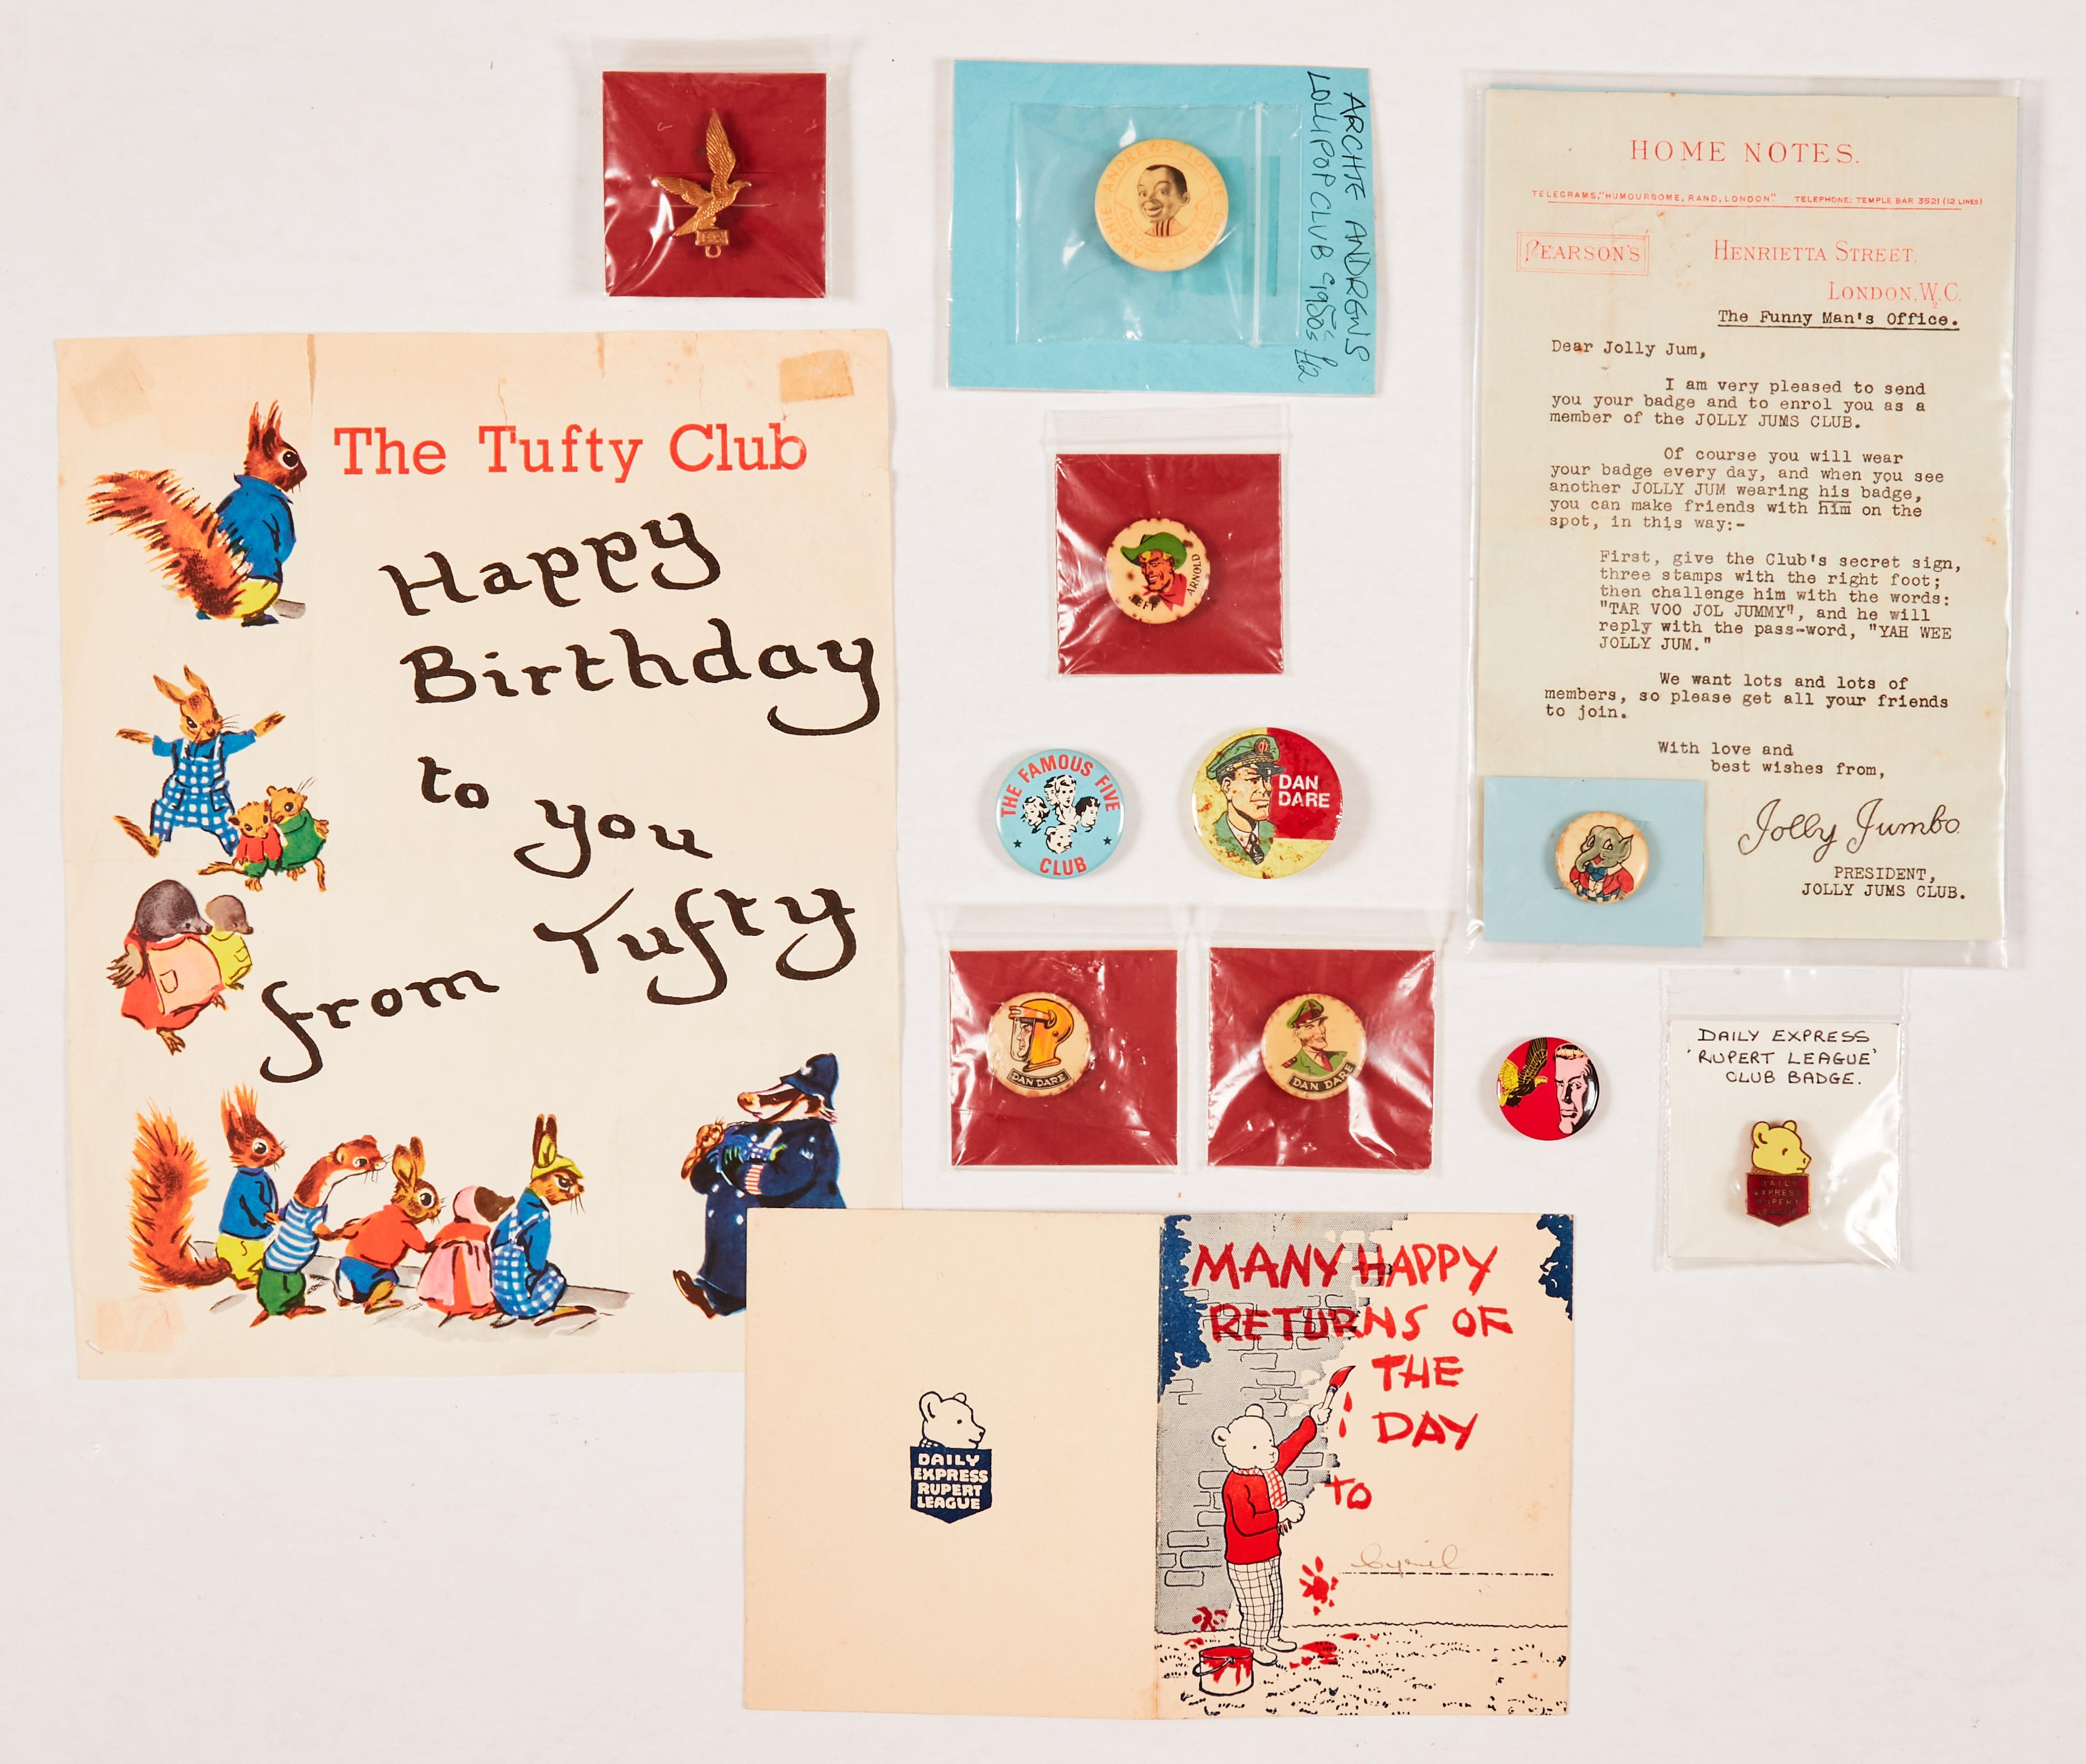 Rupert Christmas Card, D. Express 'Rupert League' Club badge (1930s), Jolly Jumbo's Christmas